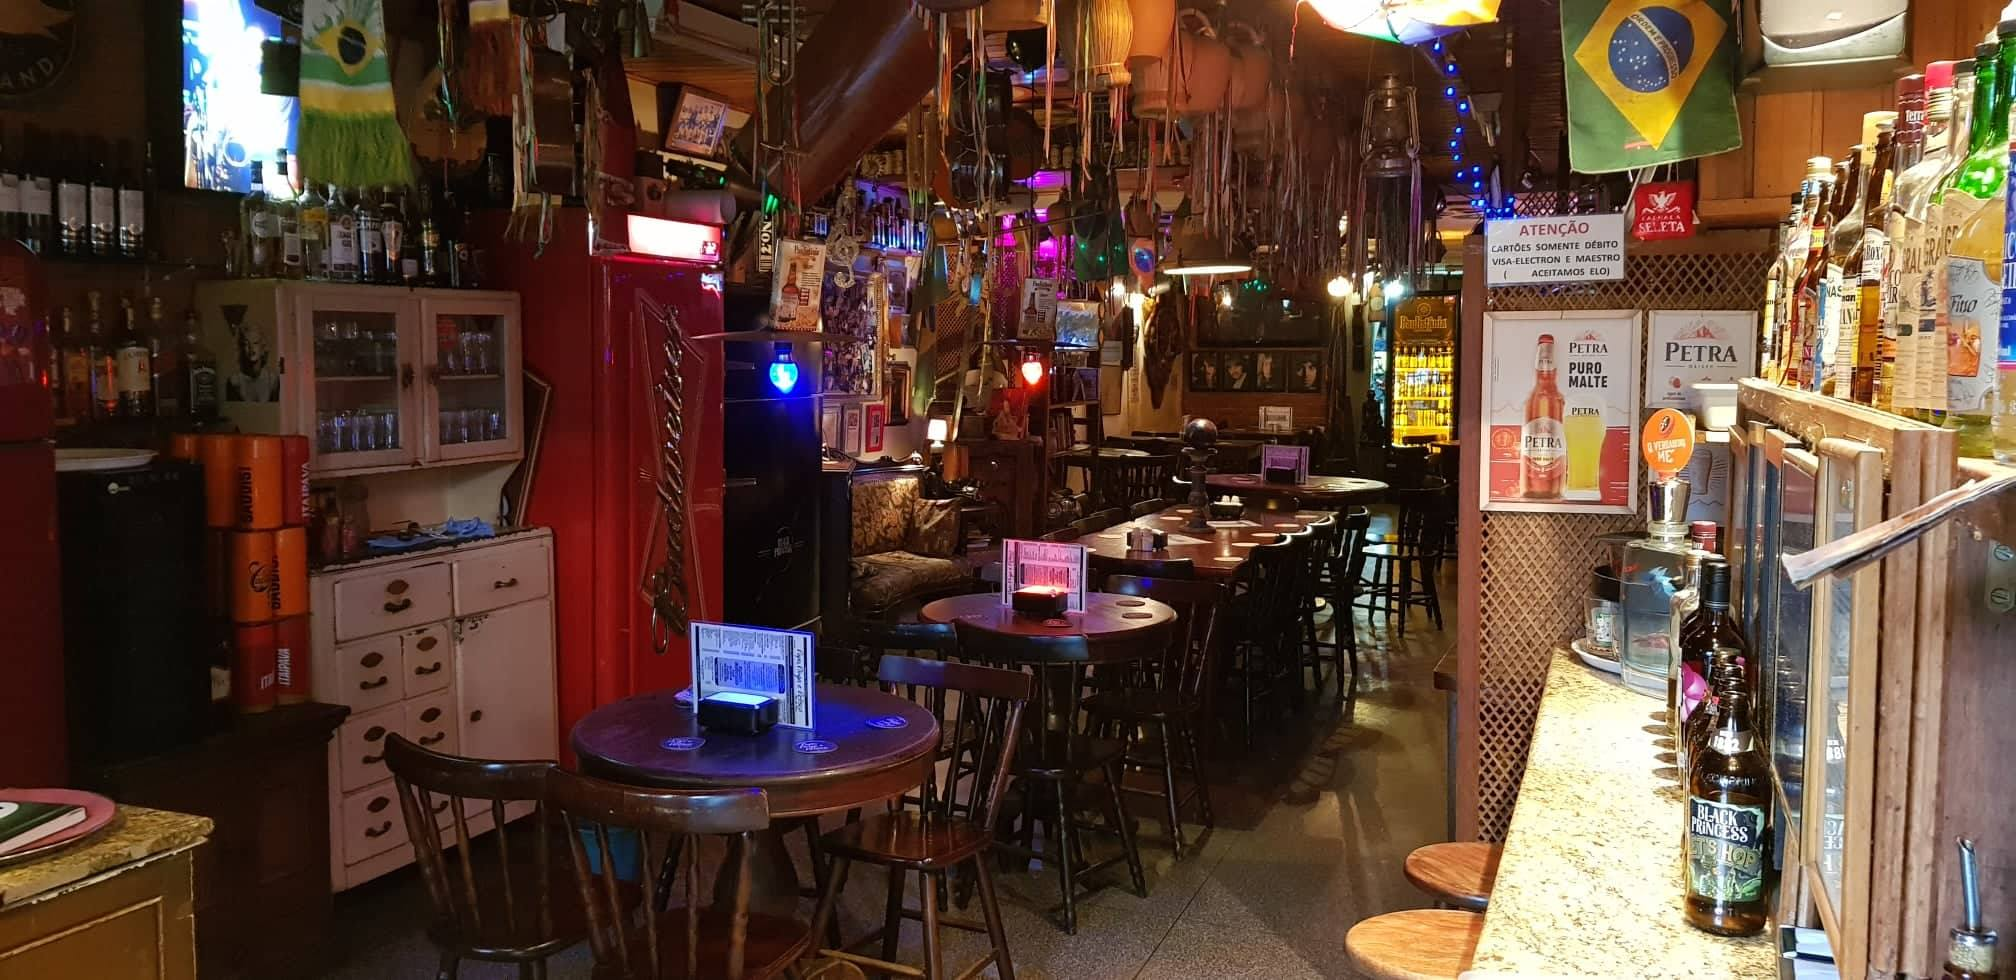 23h às 29h: Os bares da Roosevelt